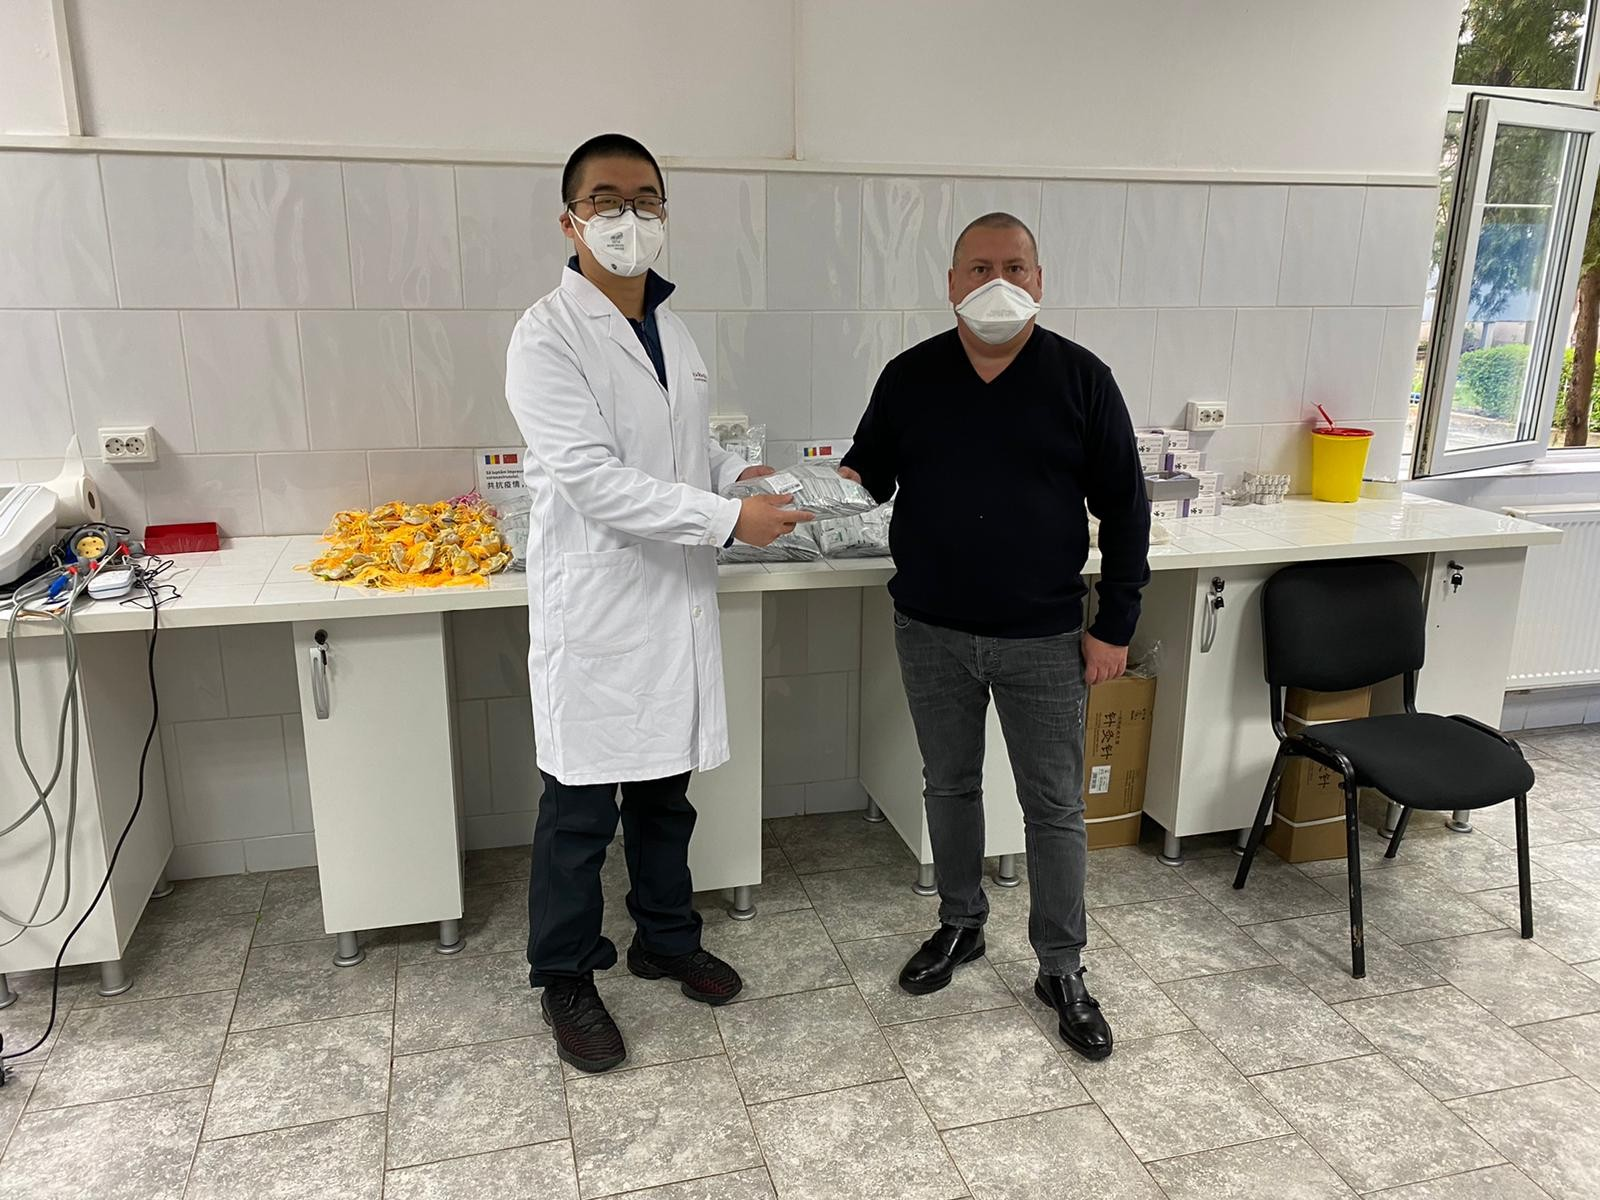 UVVG a primit din partea Universității de Medicină Chineză din Zhejiang mai multe tipuri de ierburi care întăresc sistemul imunitar